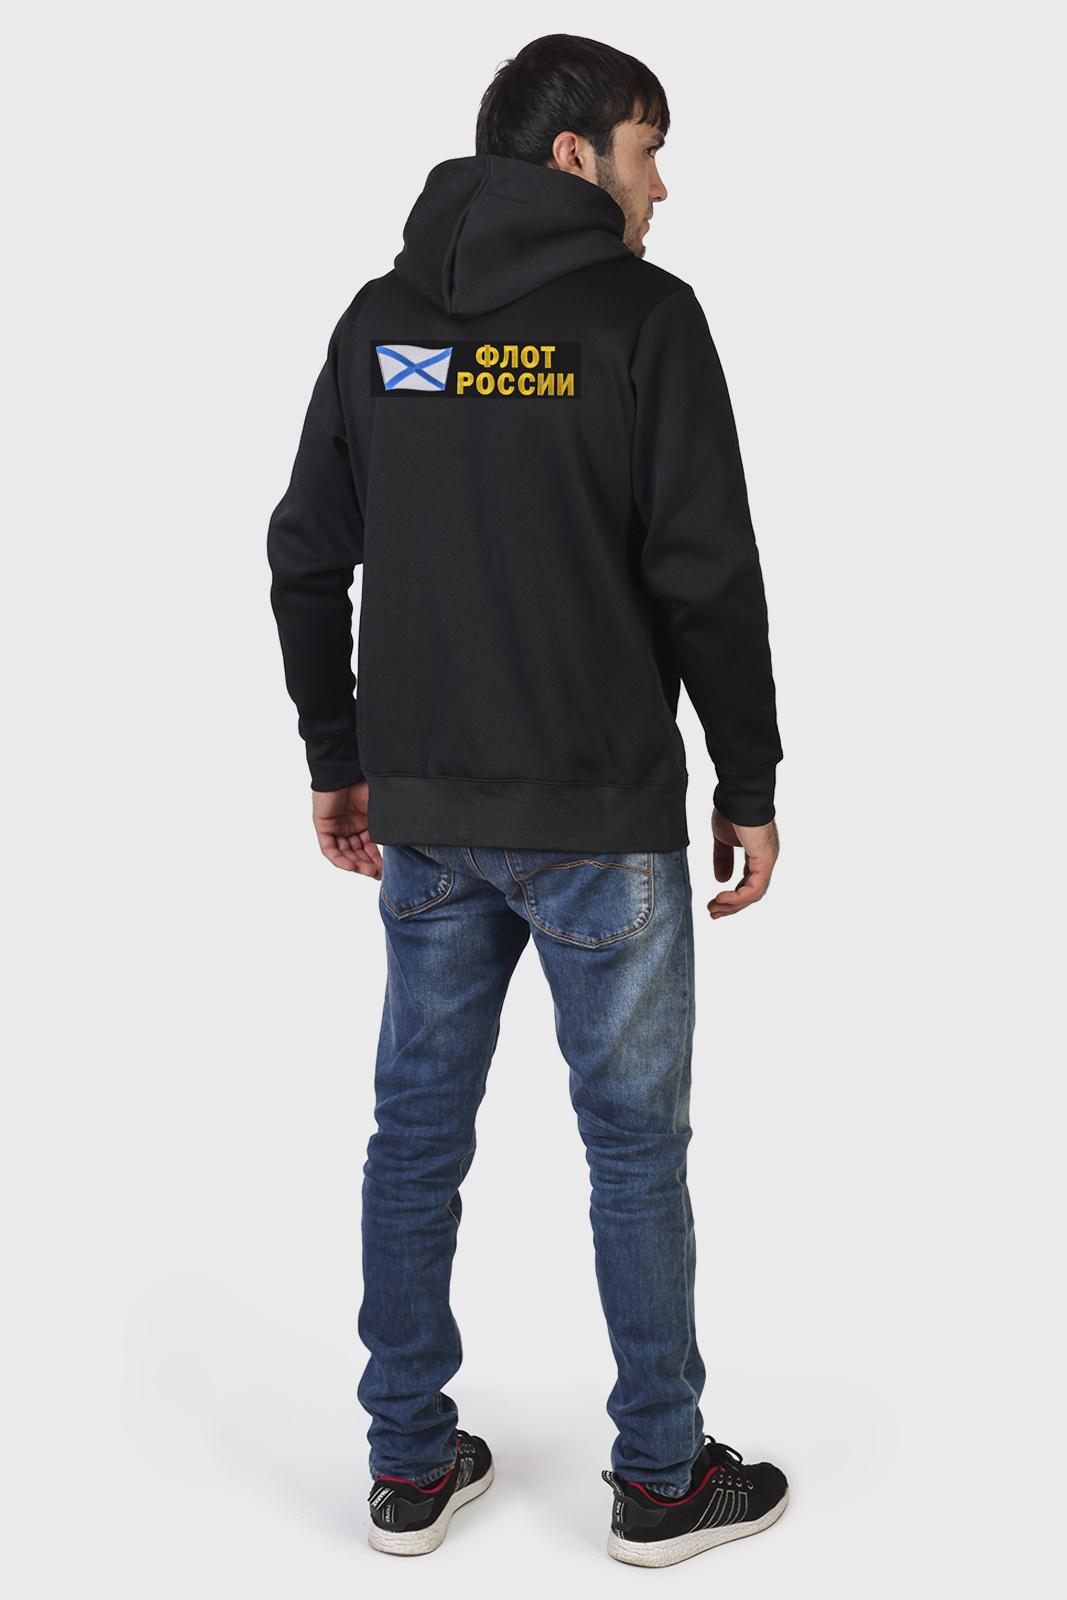 Черная крутая толстовка с символикой Подводные Силы РФ на груди и спине - купить с доставкой